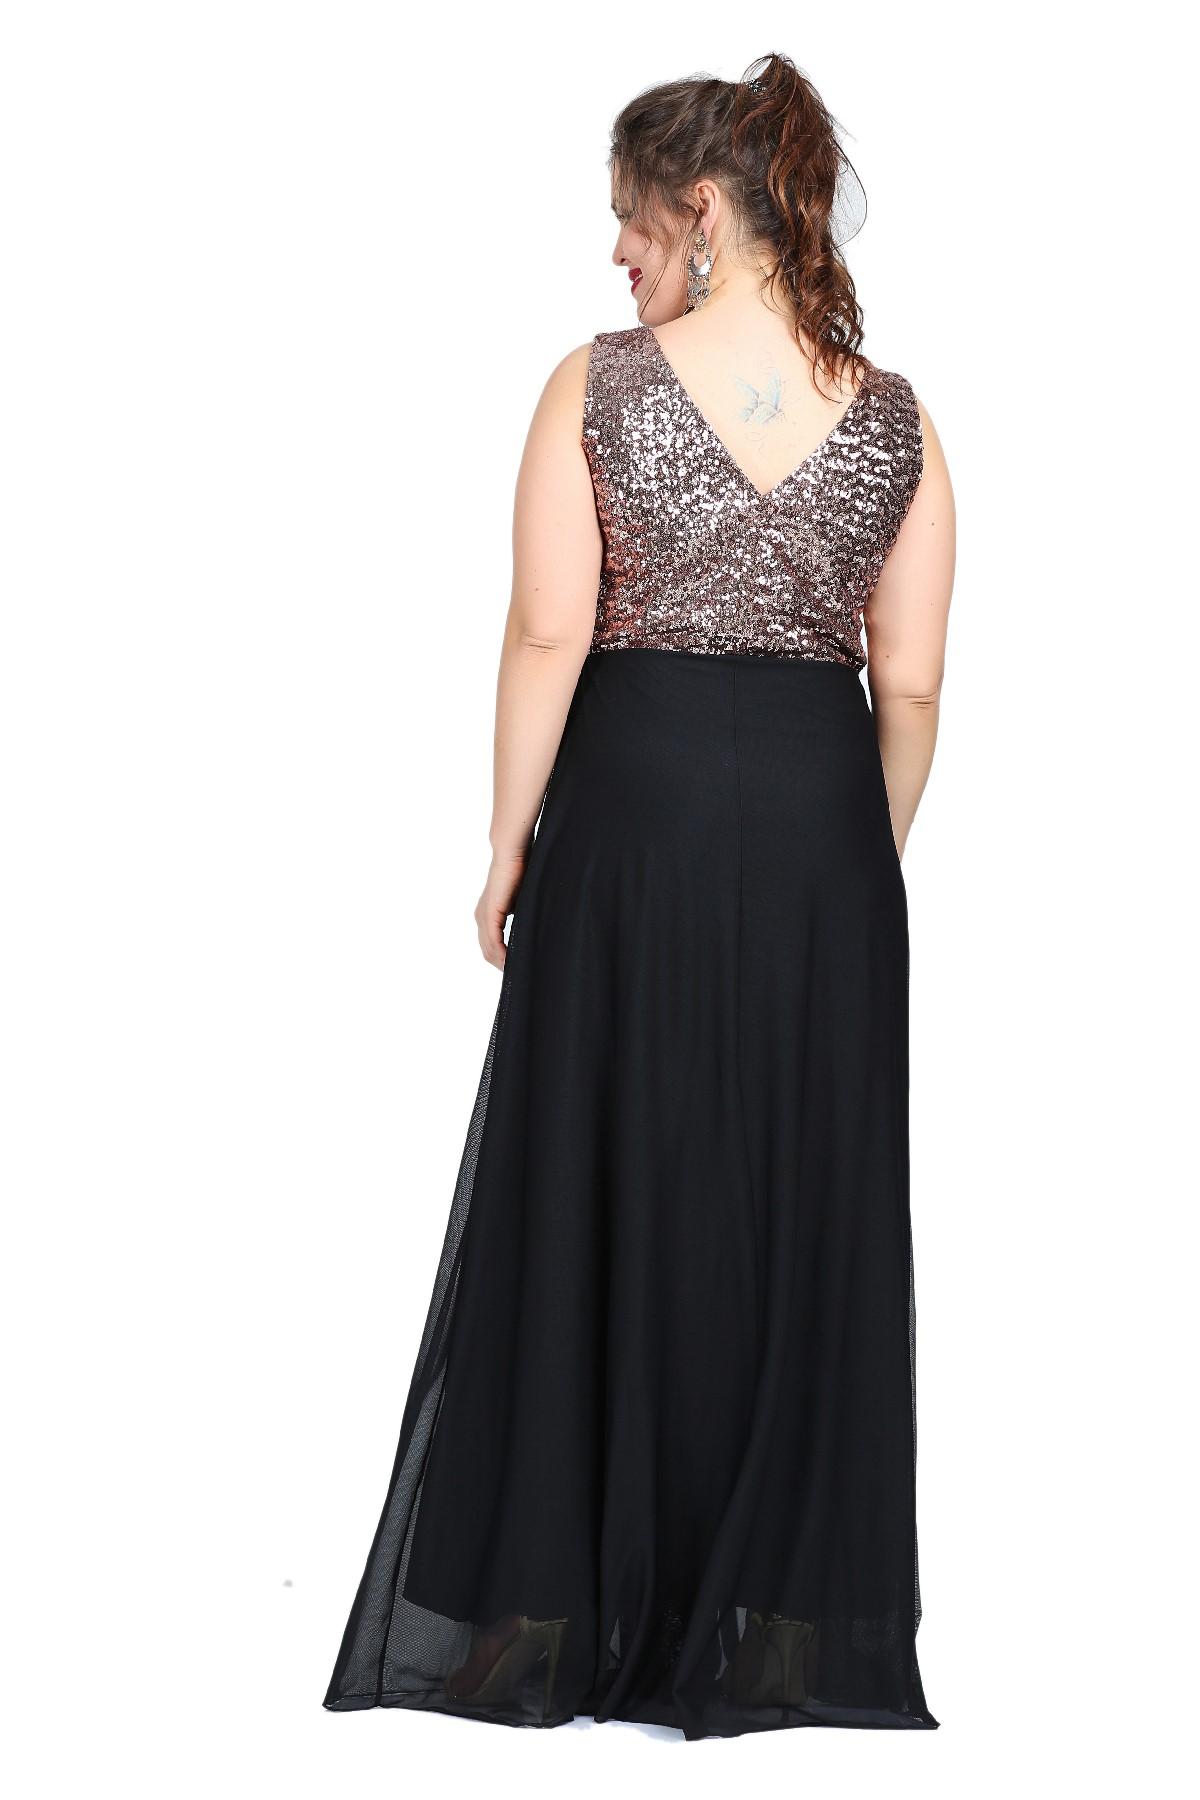 Women's Oversize Long Sequin Chiffon Dress